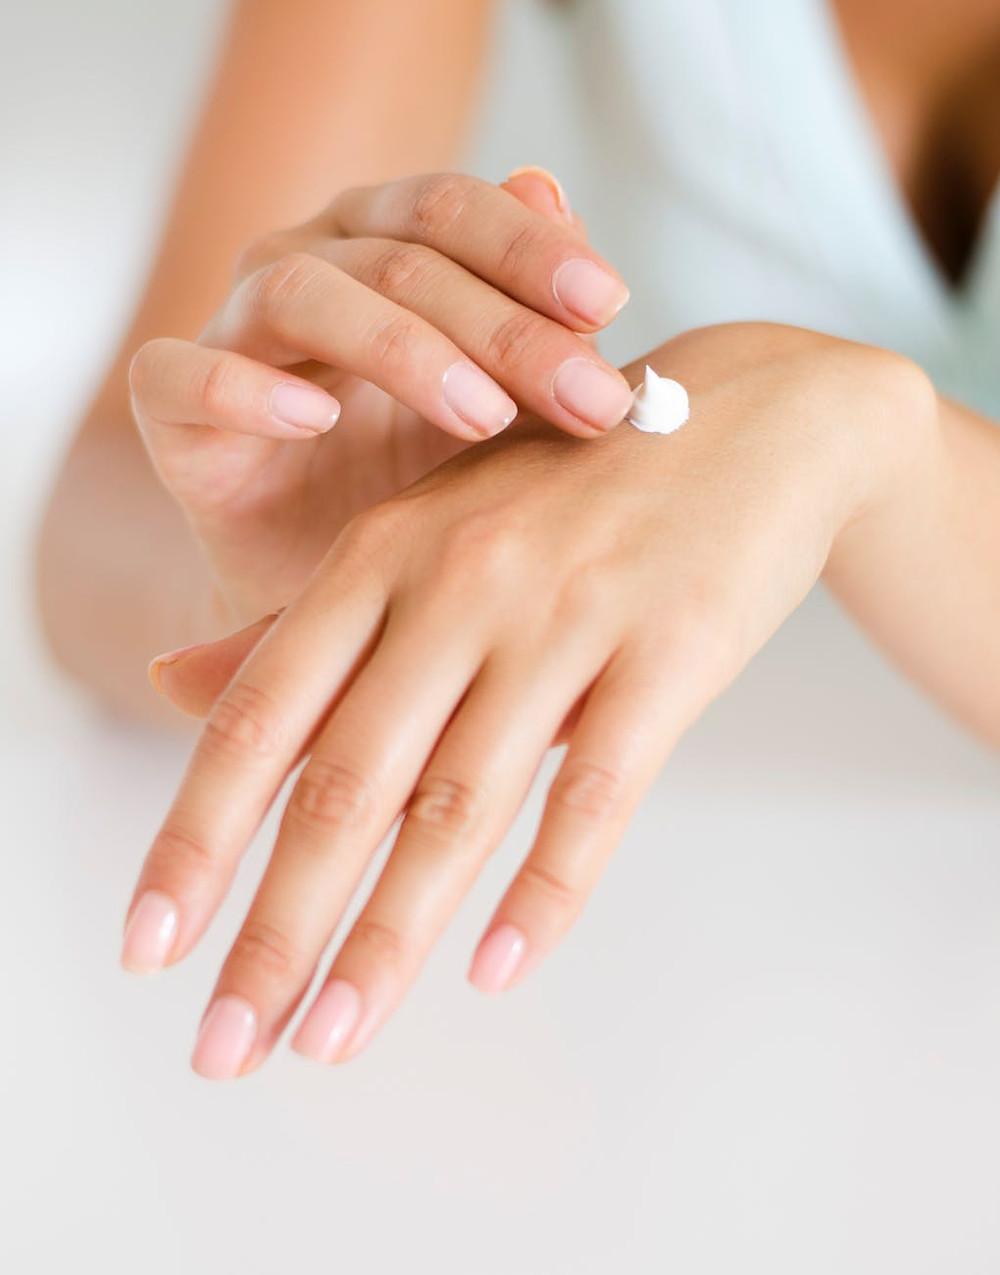 primer, skin care, cuidado de la piel, piel